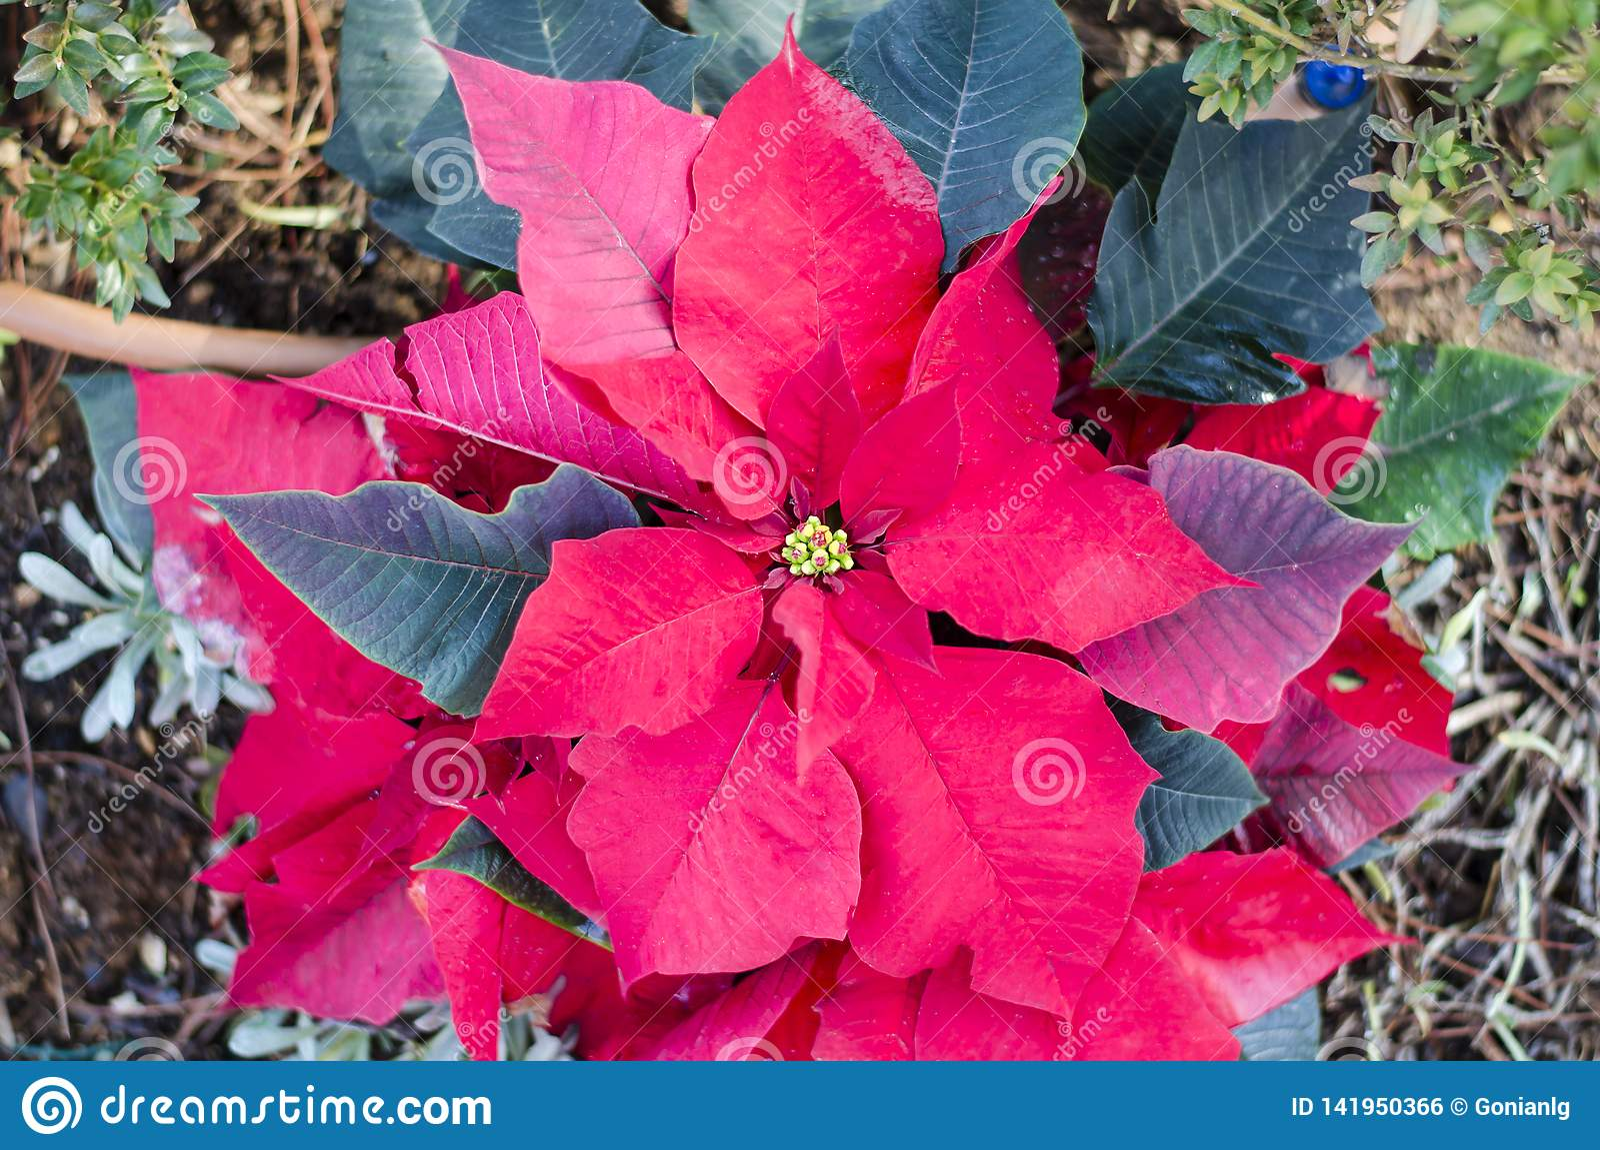 Flor vermelha da poinsétia, eufórbio Pulcherrima, flor do Natal de Nochebuena Atenas, Grécia